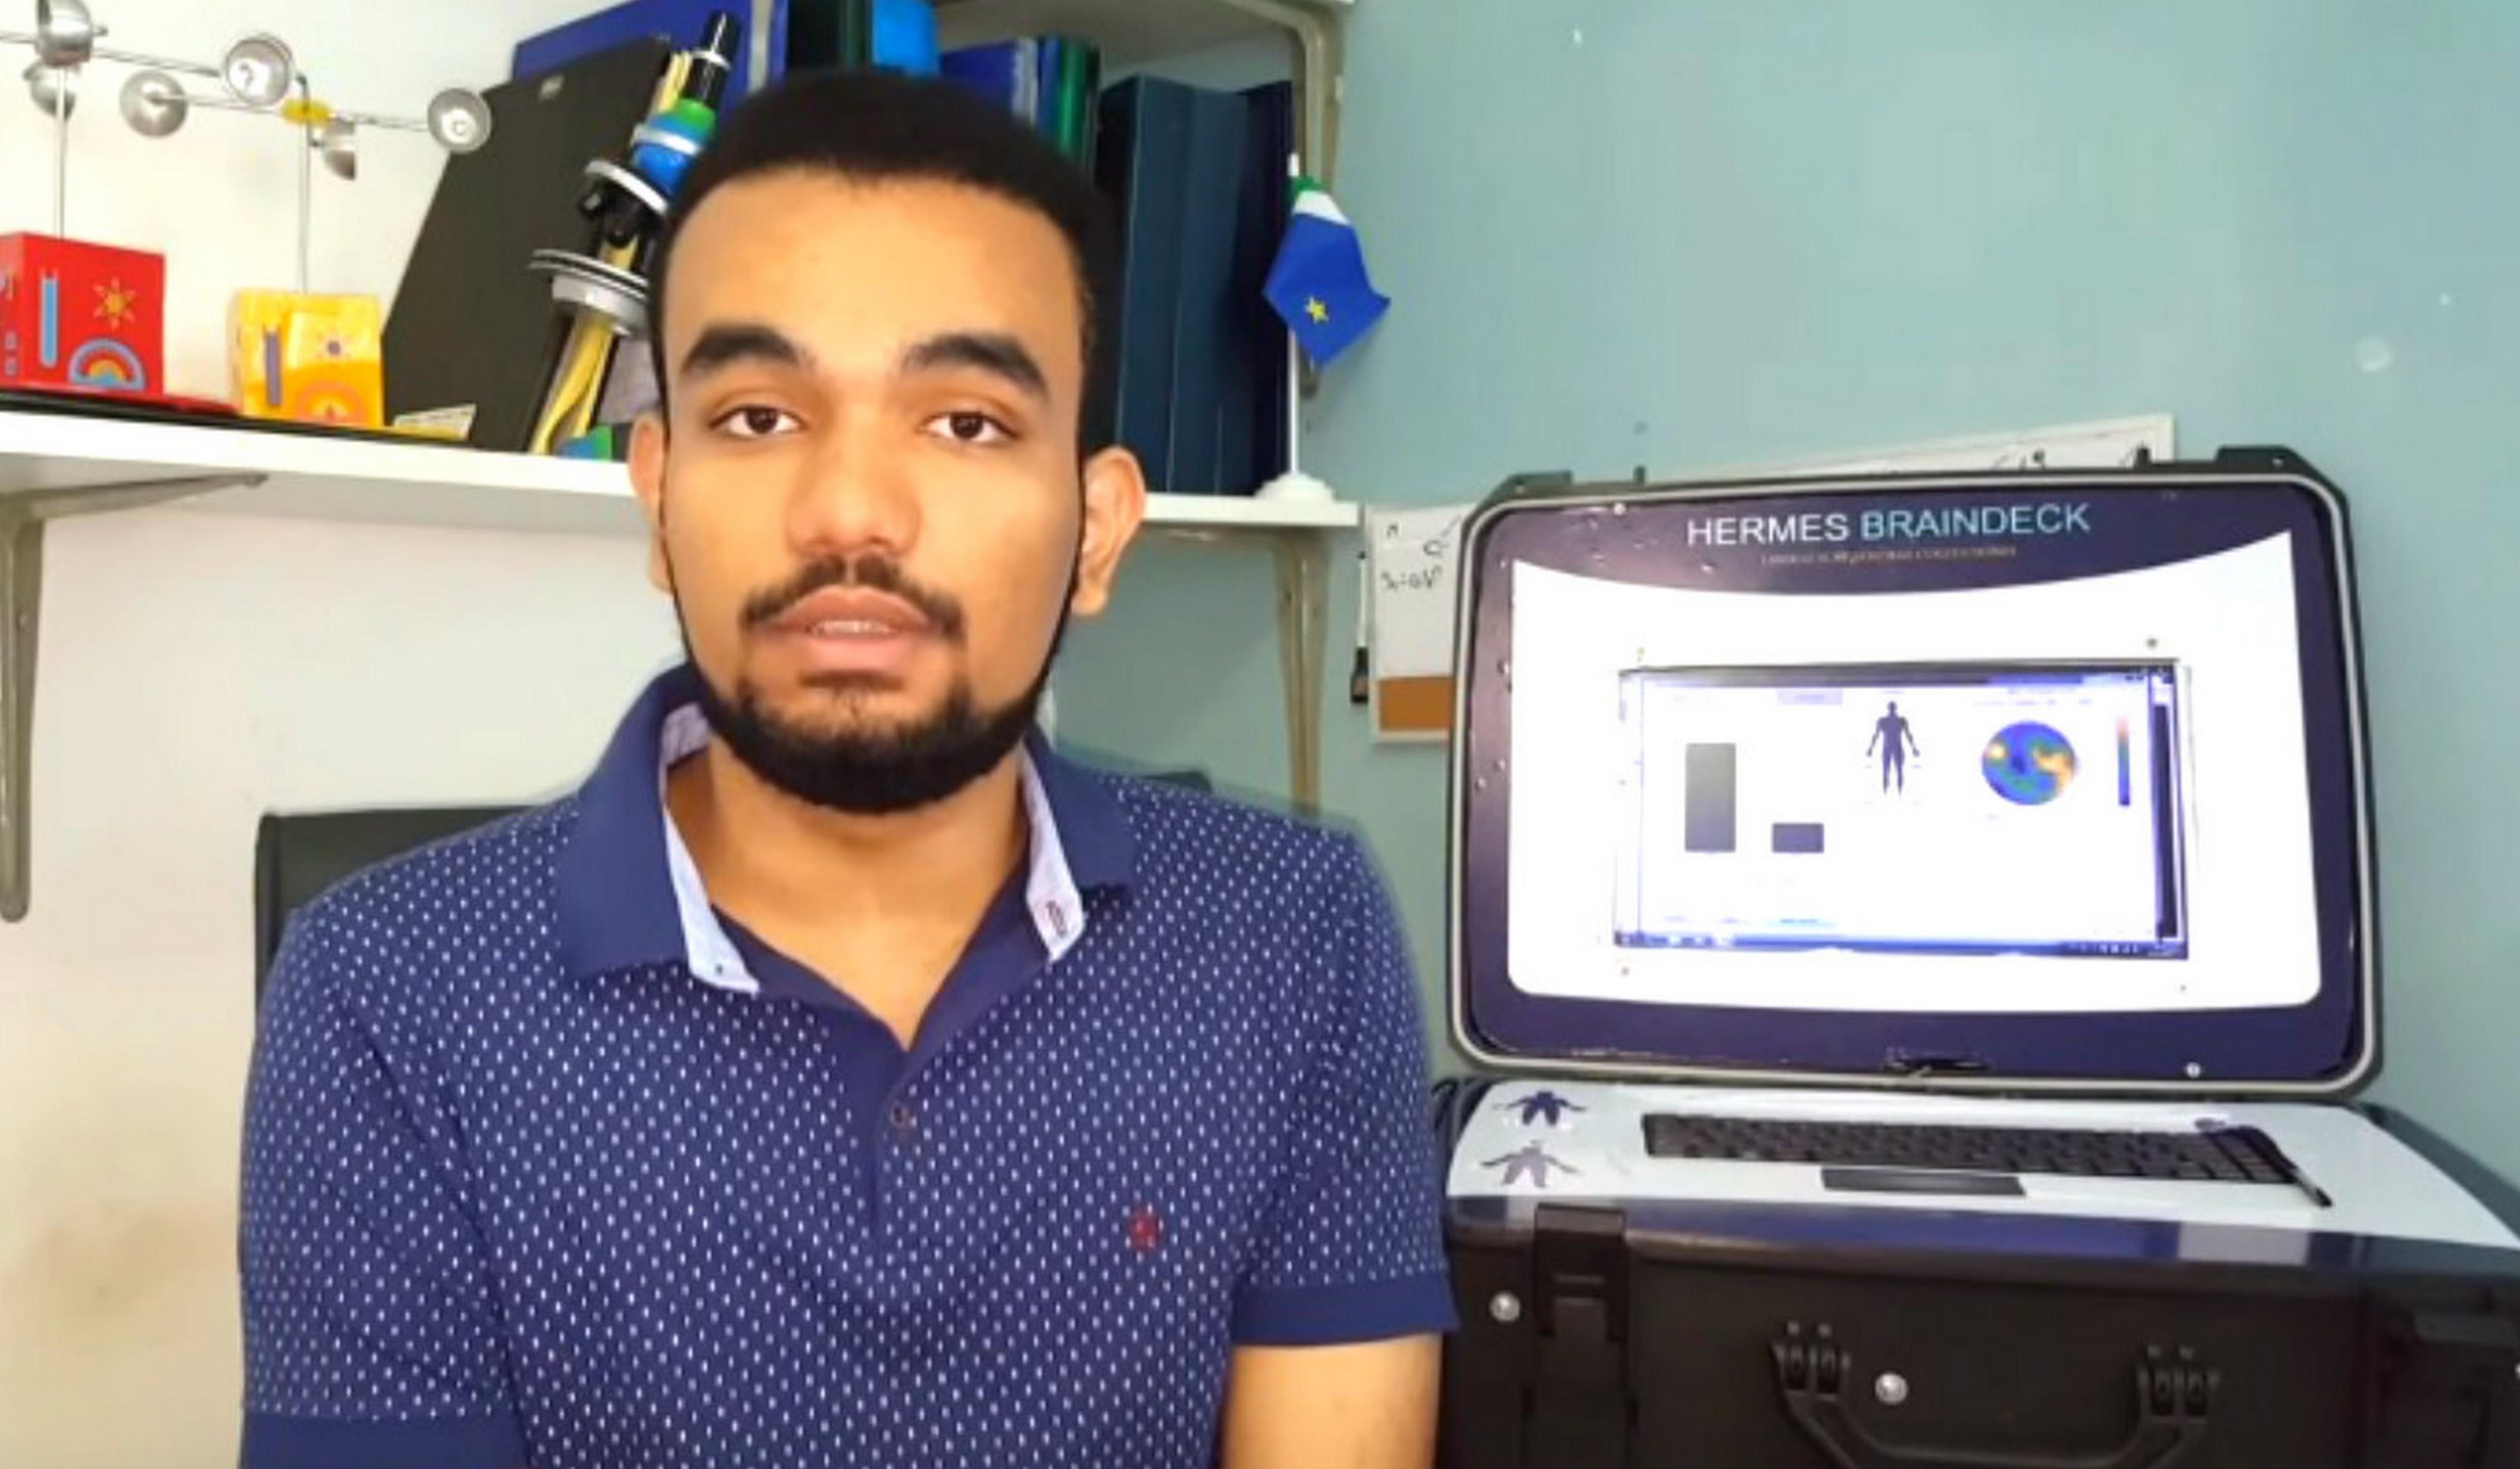 Brasileiro de 20 anos cria sistema de comunicação com pacientes em coma 1